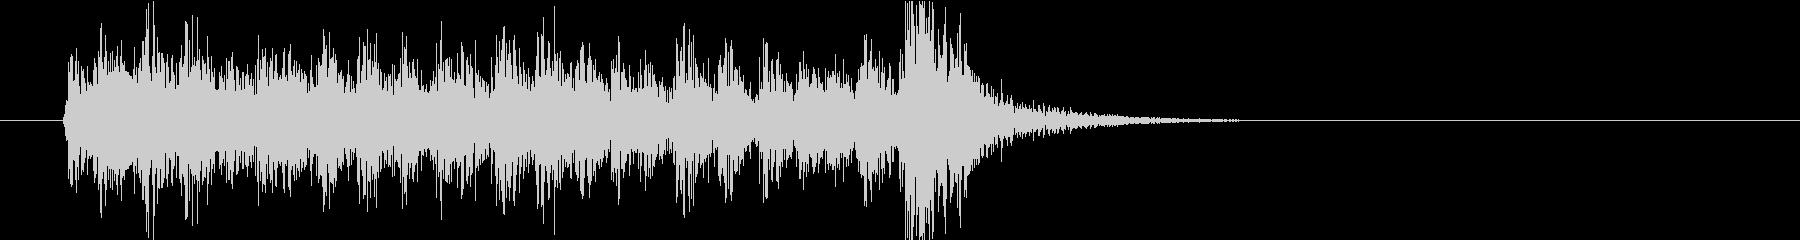 ドルルルルルルトン(ドラムロール)の未再生の波形